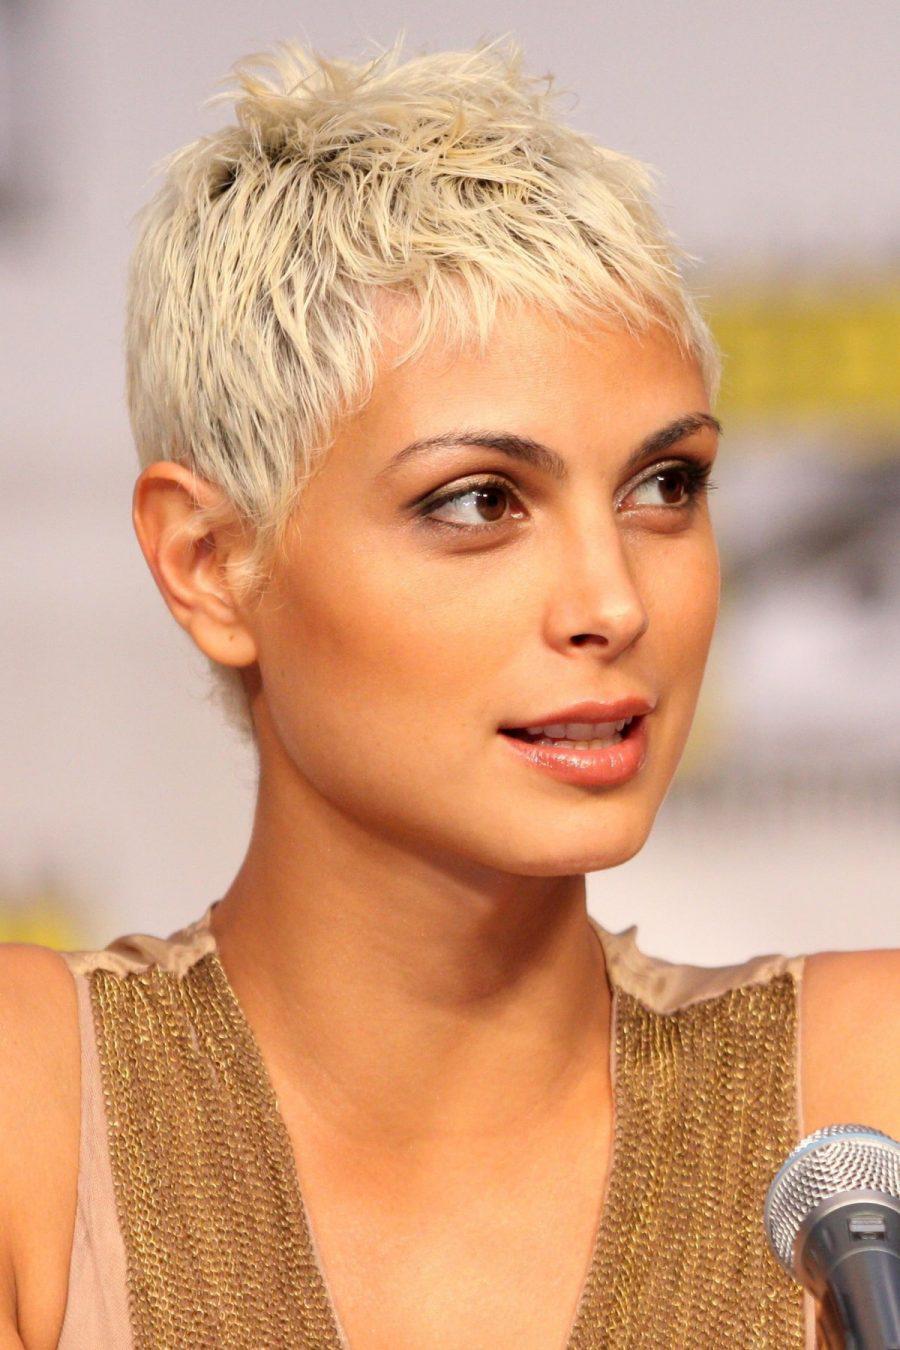 image50-4 | Модные женские стрижки на короткие волосы: основные правила и варианты исполнения